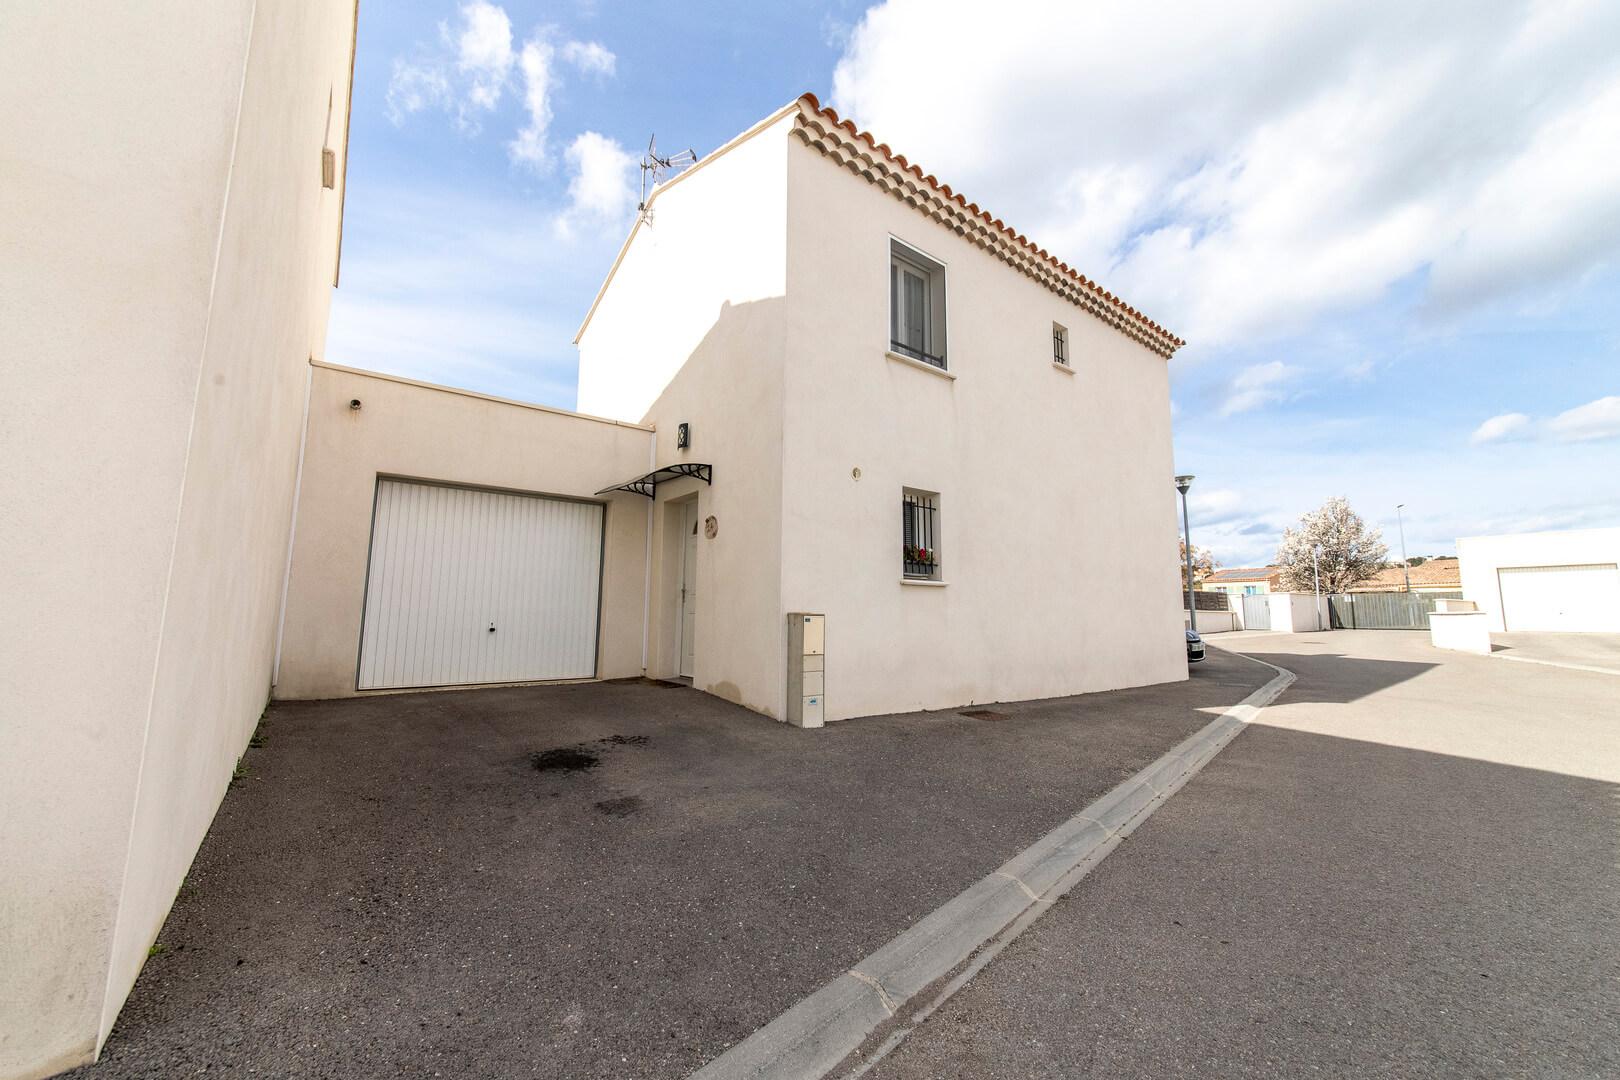 Homki - Vente Maison/villa  de 80.0 m² à Beaucaire 30300